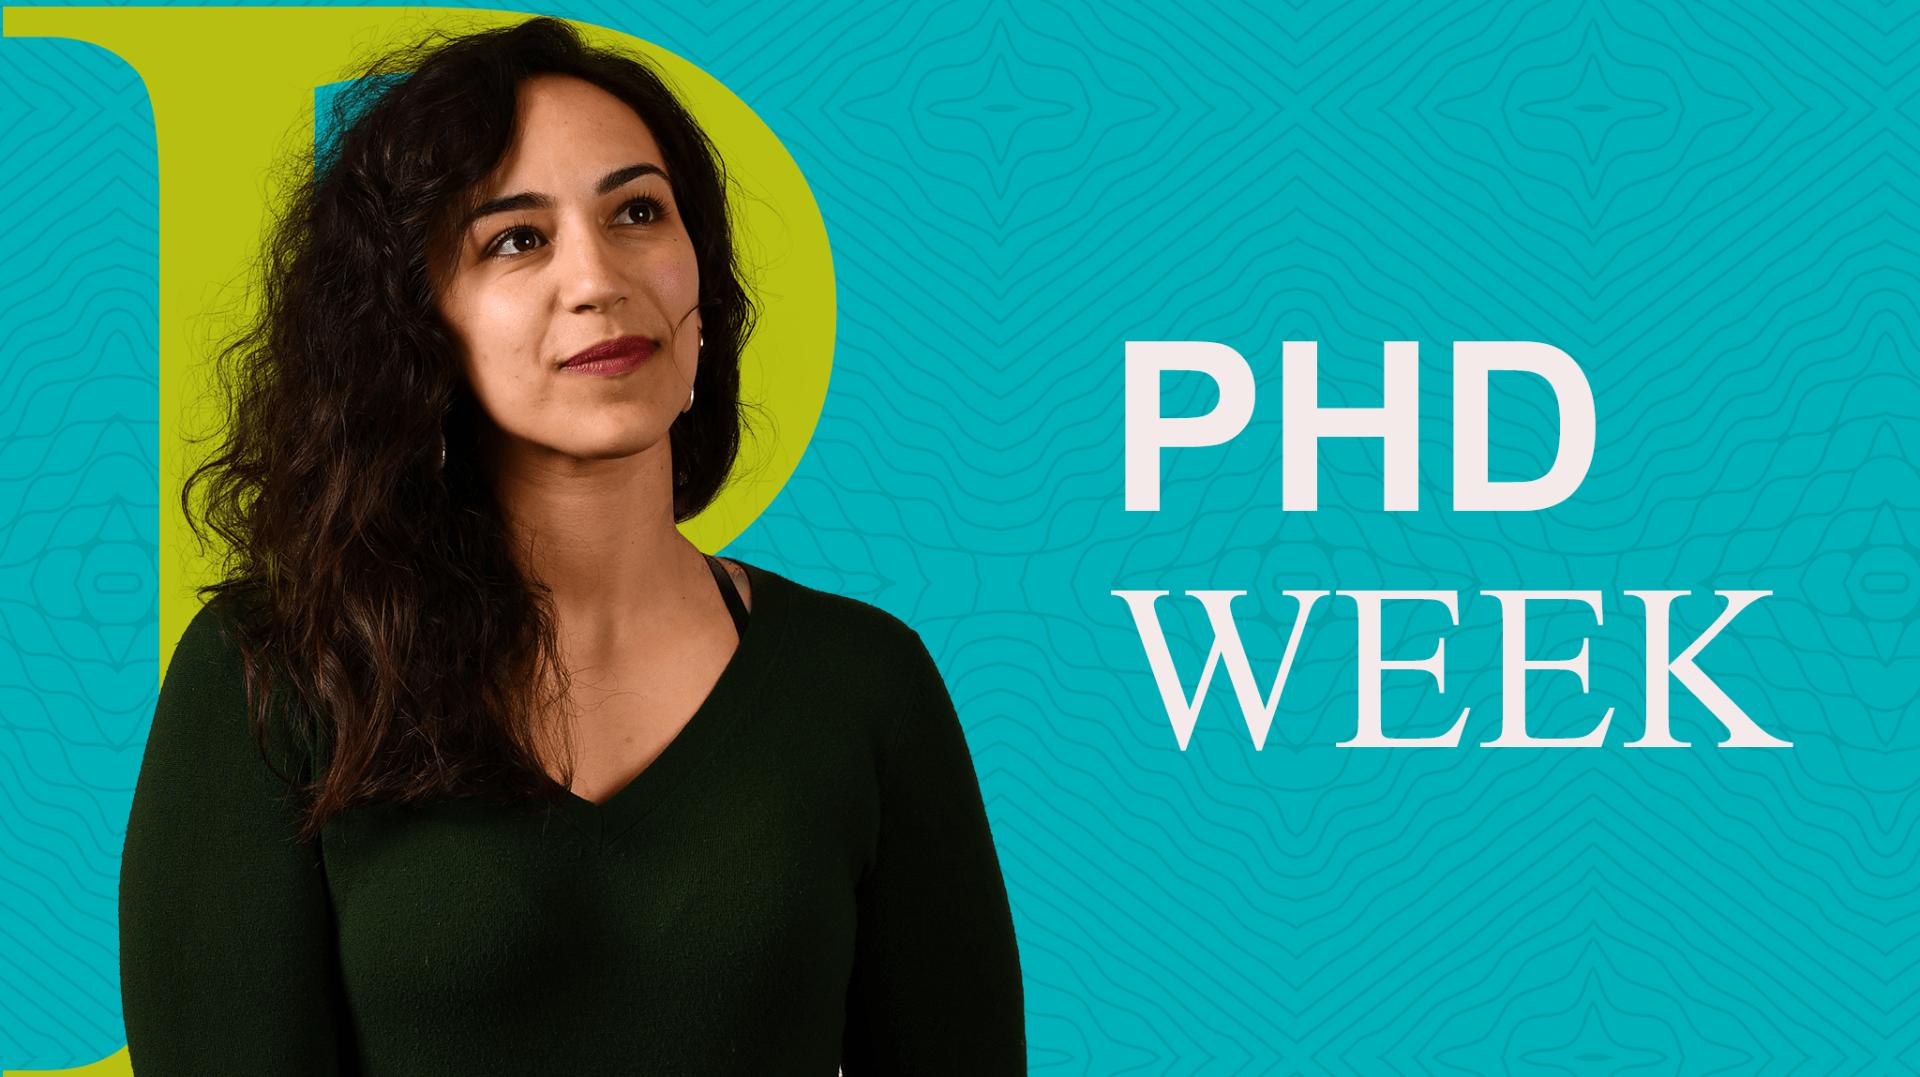 PhD Week